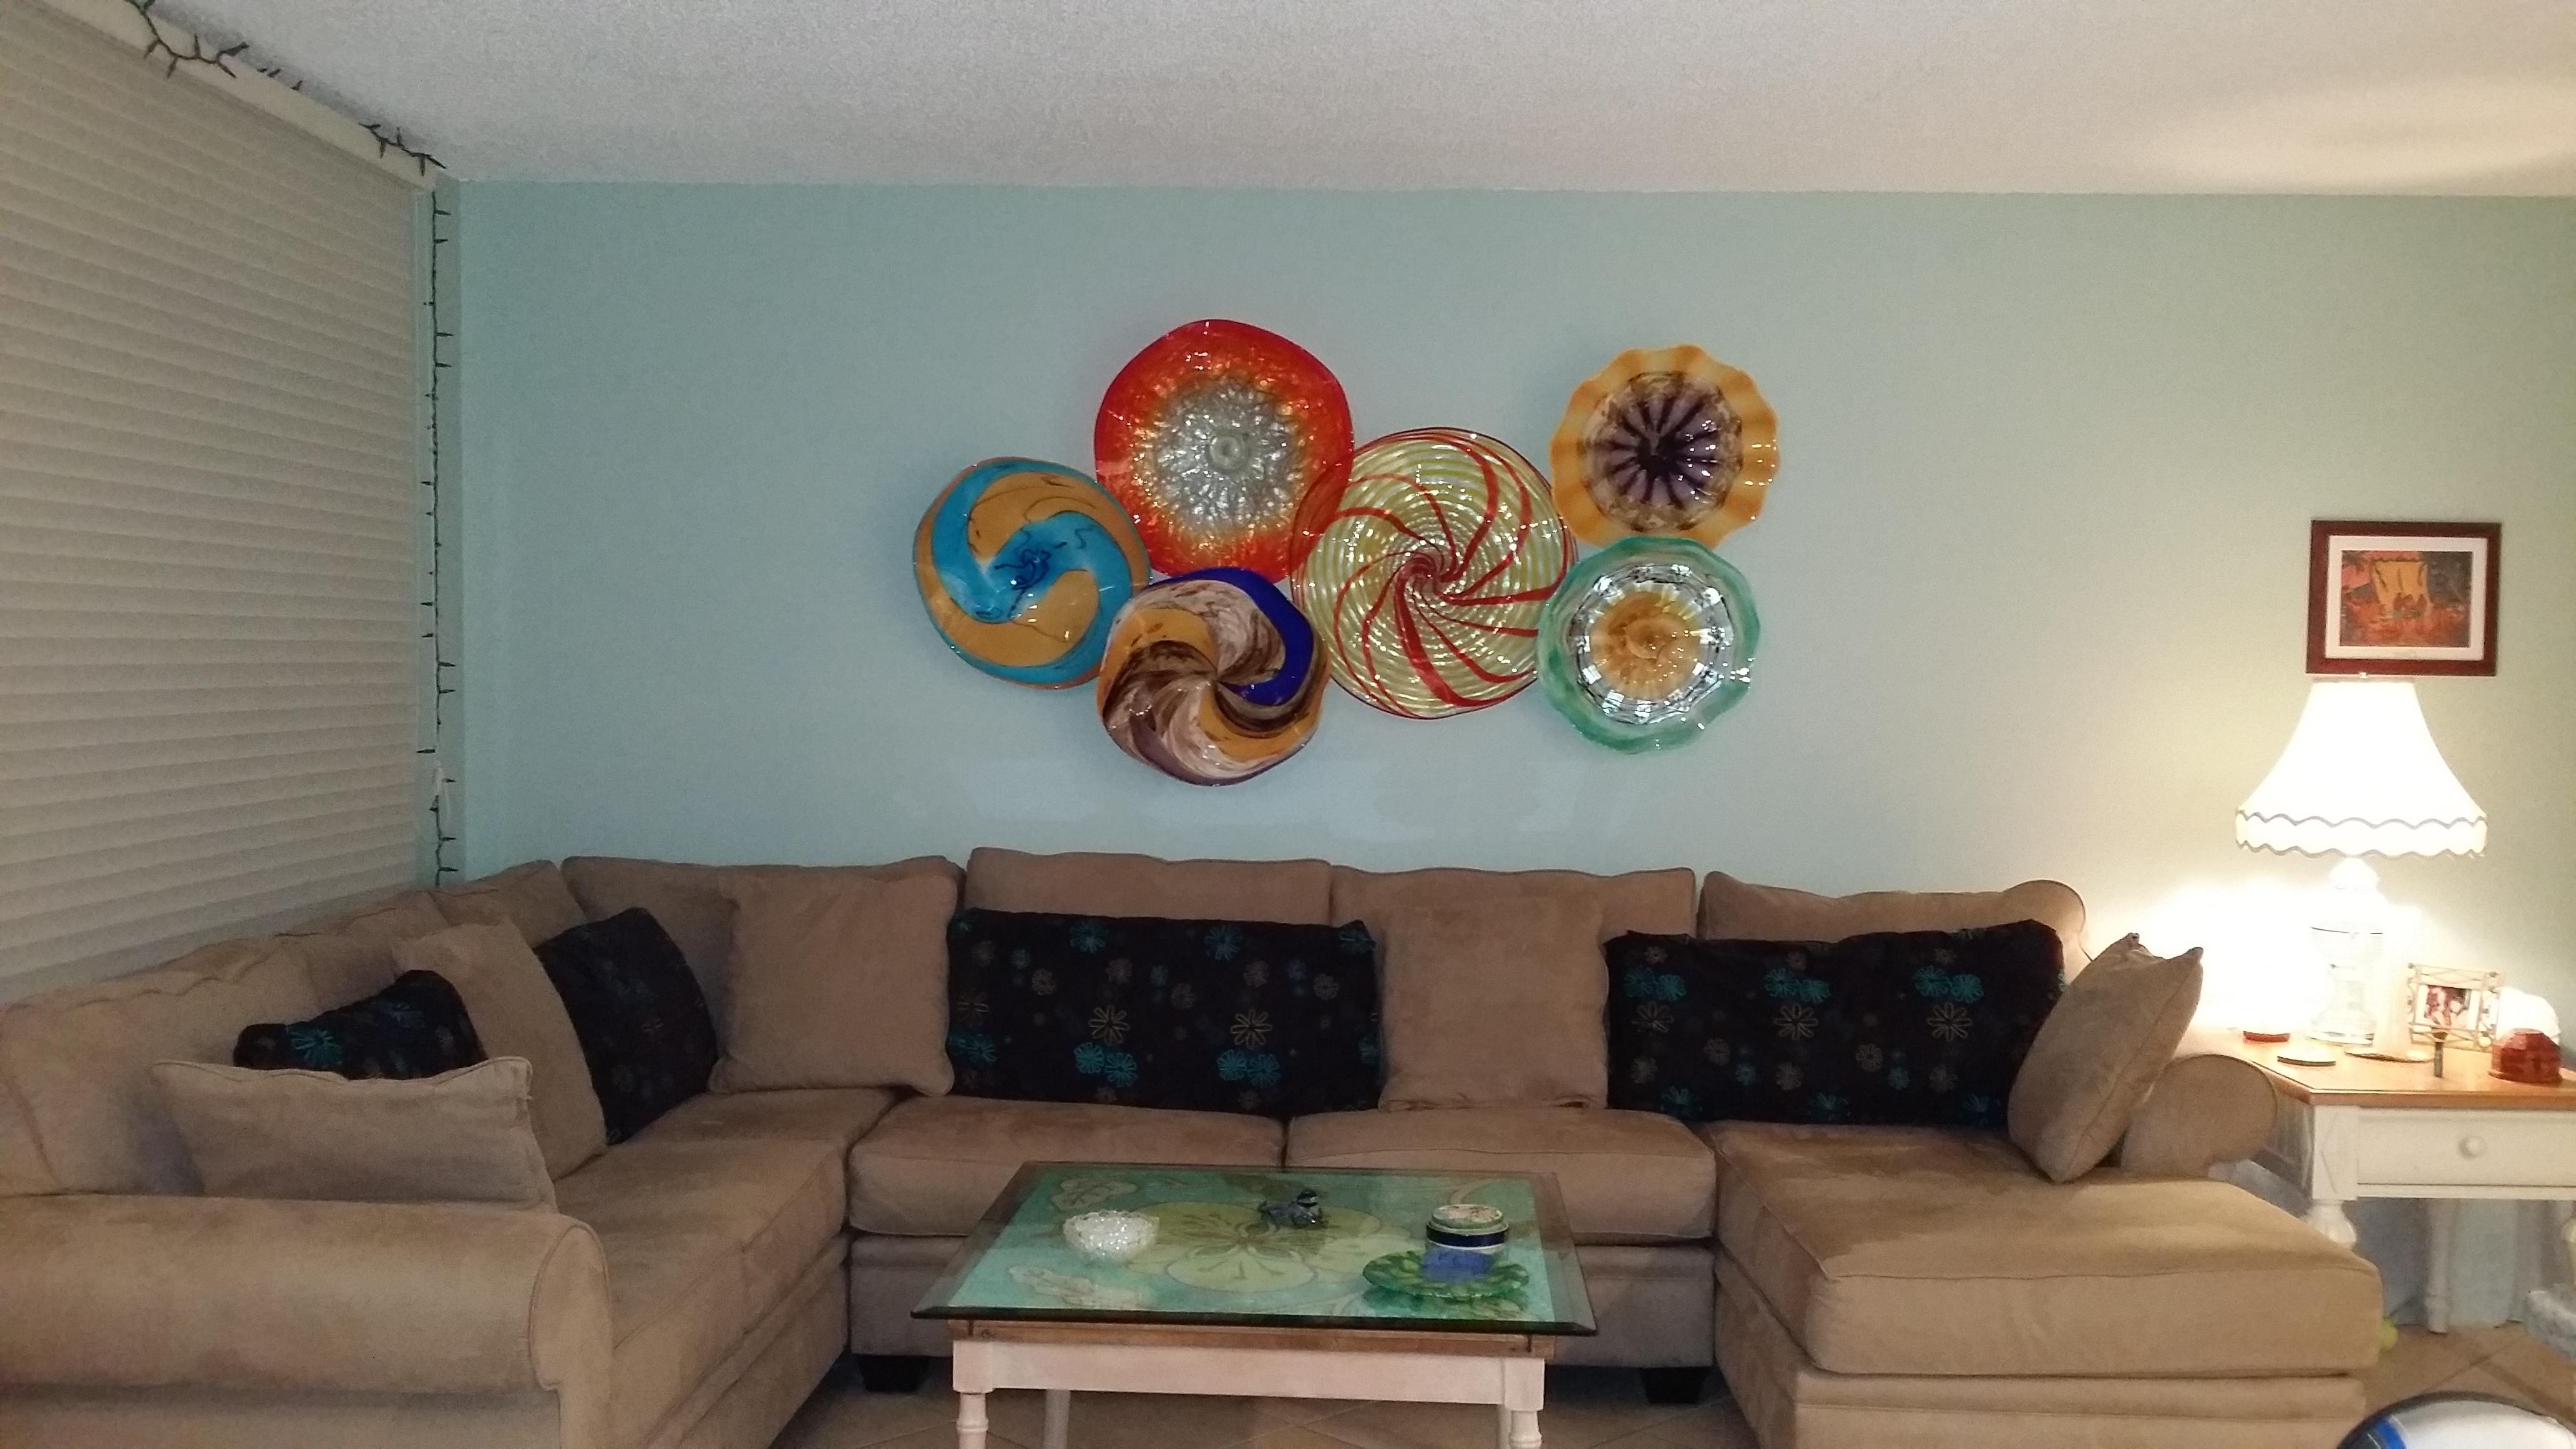 Glass Plate Wall Art regarding Popular Wall Decor Glass Plates - Jscollectionofficial